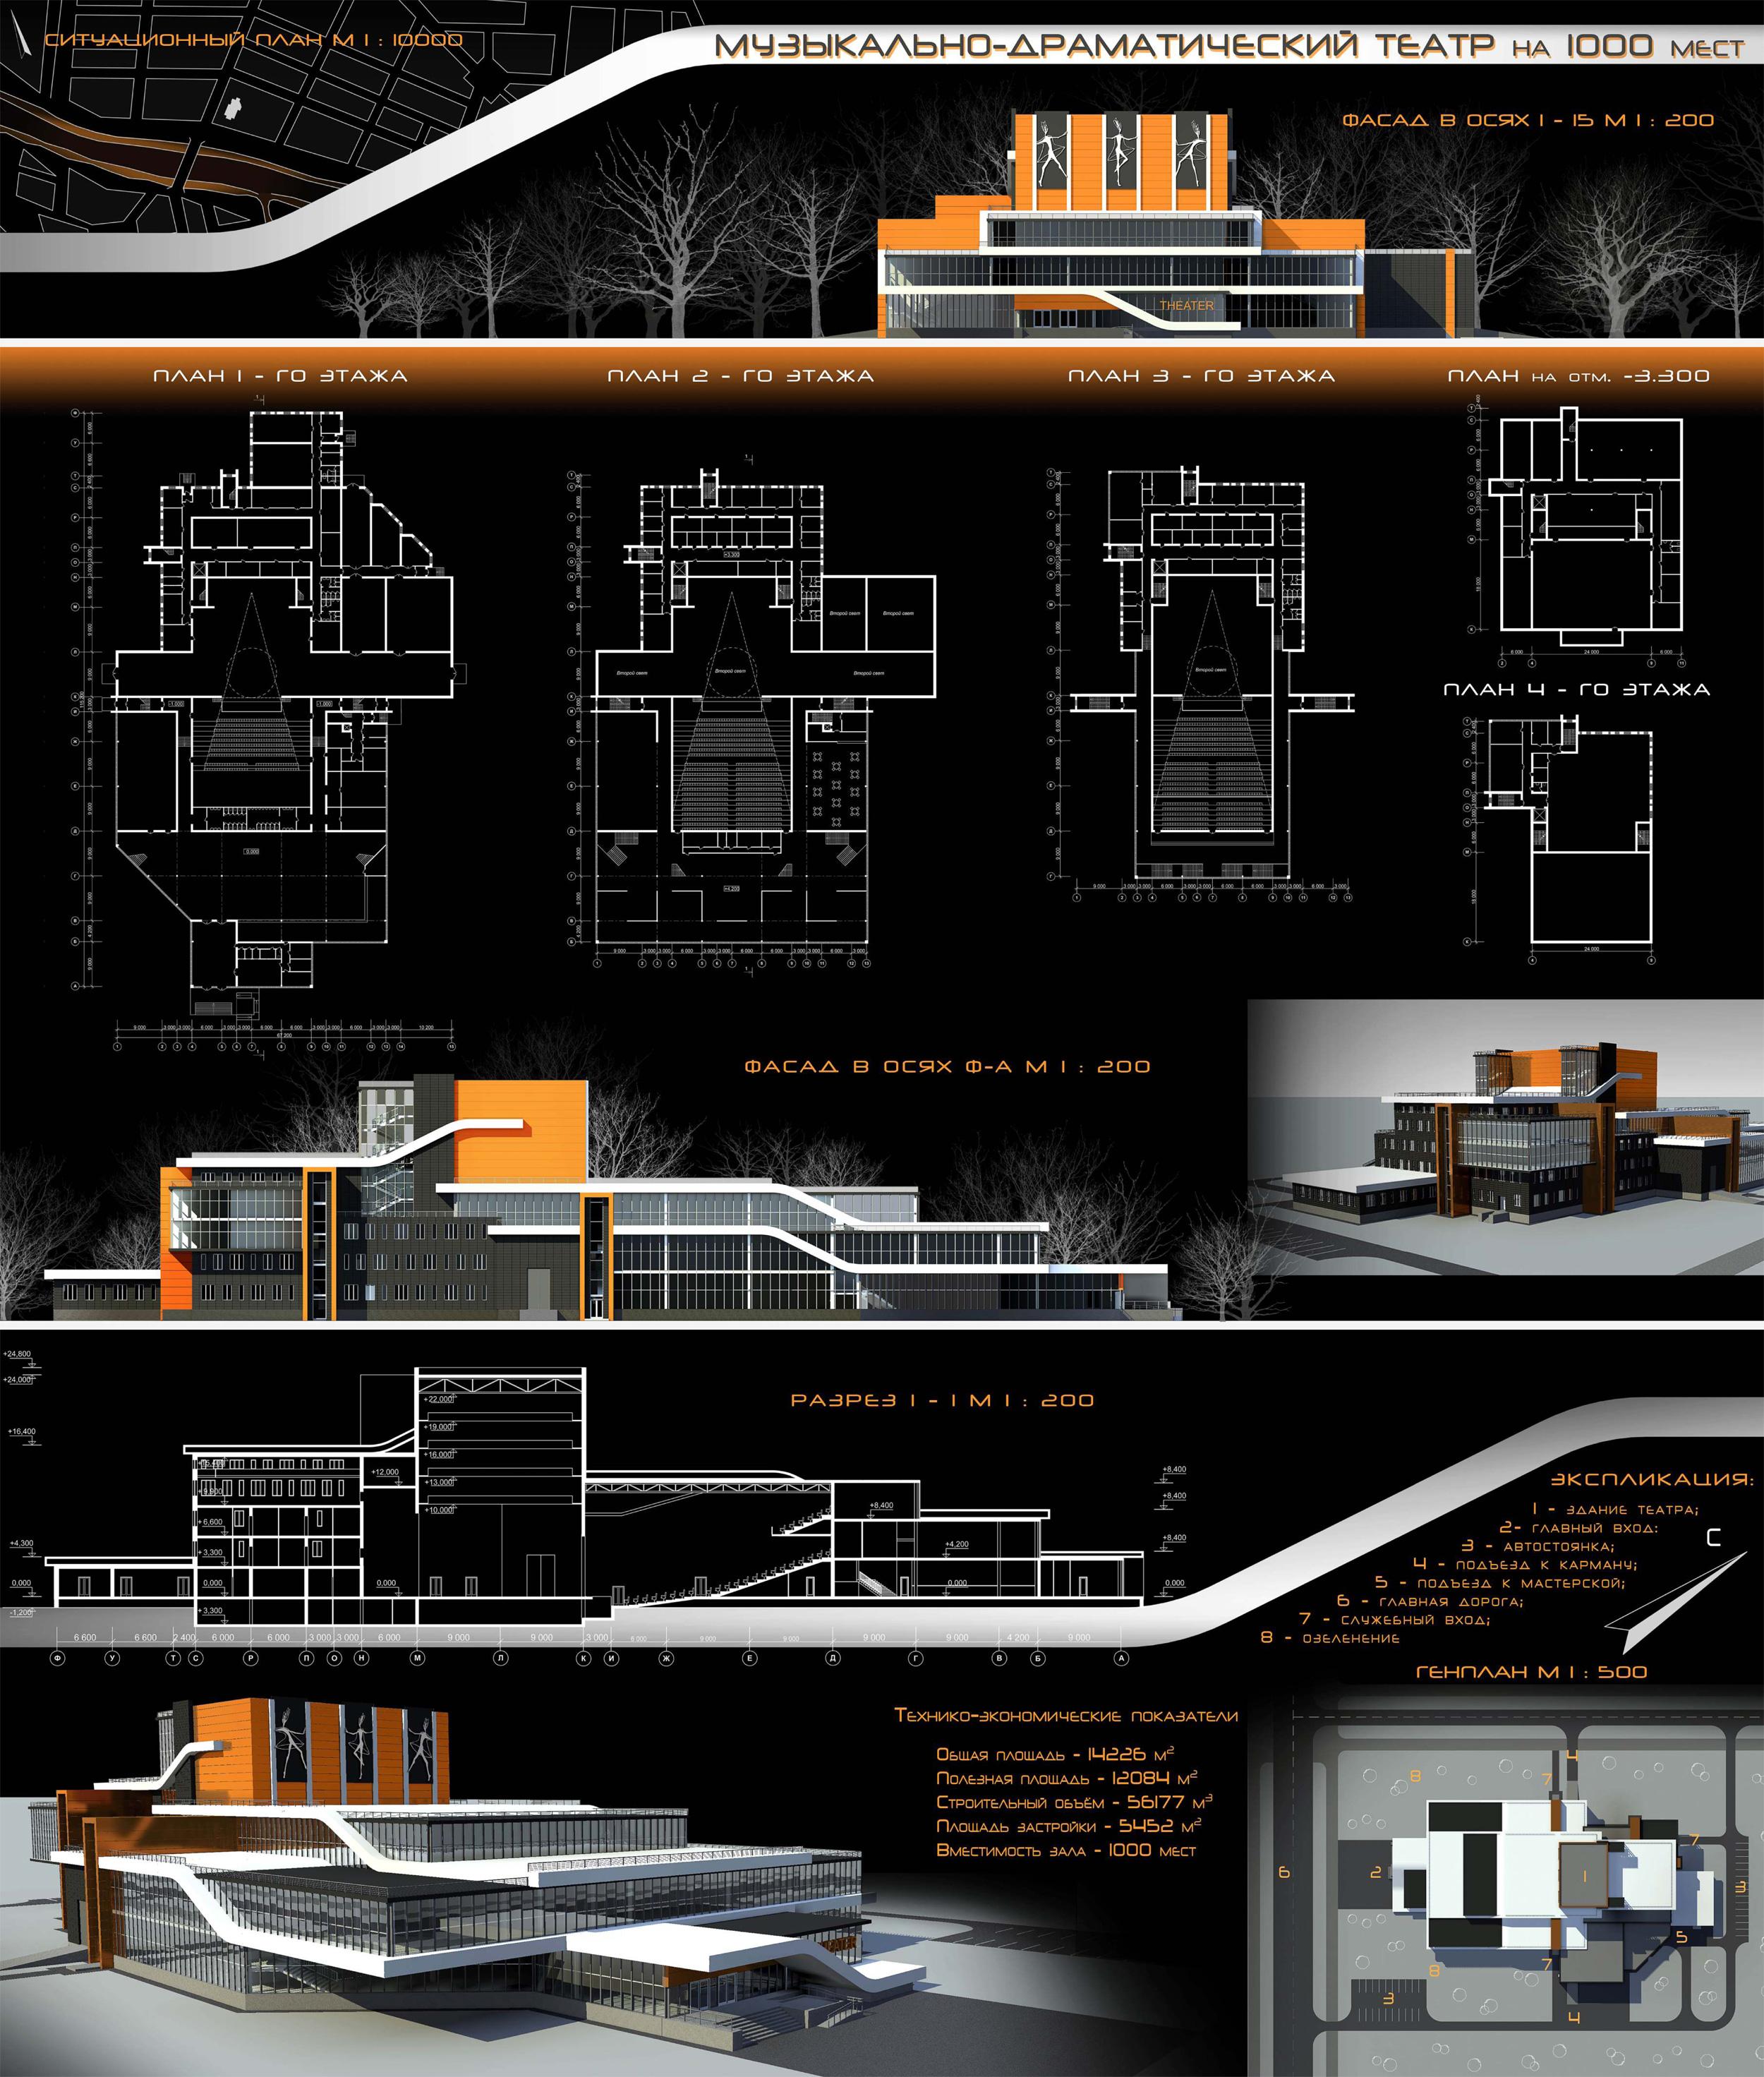 Курсовой проект page Архитектура и проектирование  Музыкально драматический театр на 1000 мест ТГТУ Проект